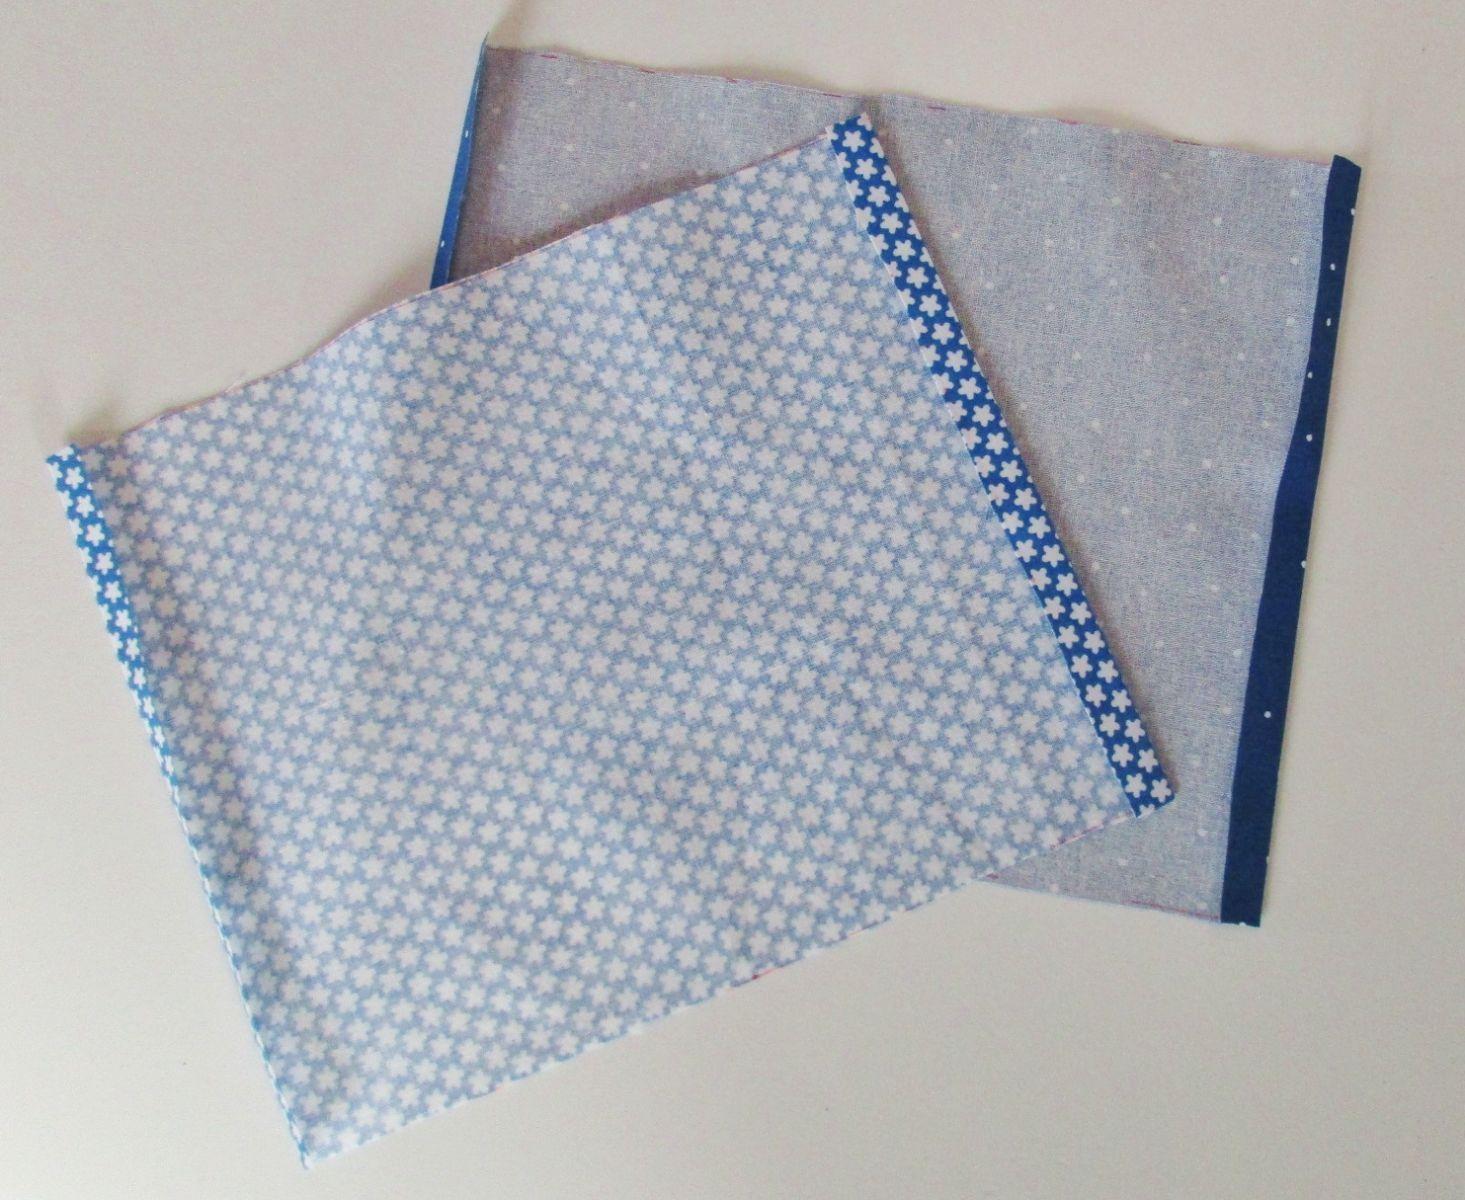 Staub - Mundschutz: zwei Varianten für einen bunten Staubschutz für das Gesicht: waschbar und…